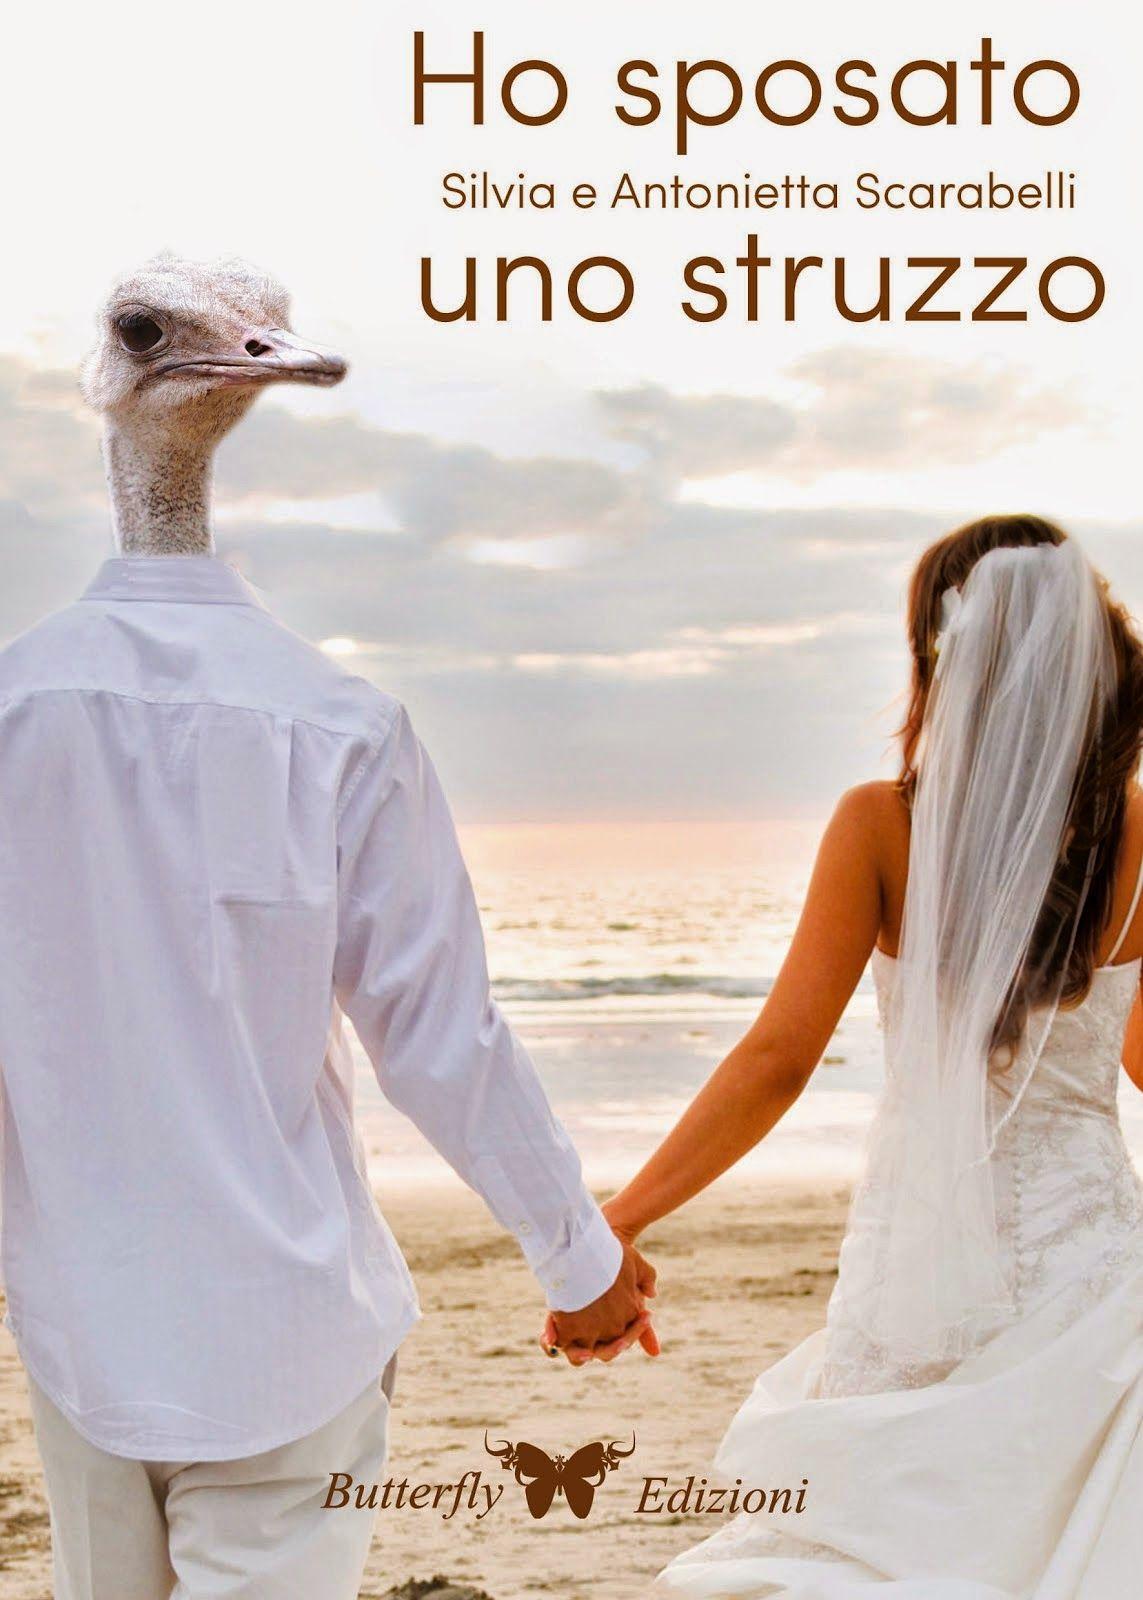 Recensione - HO SPOSATO UNO STRUZZO di Silvia e Antonietta Scarabelli http://lindabertasi.blogspot.it/2014/06/ho-sposato-uno-struzzo-di-silvia-e.html